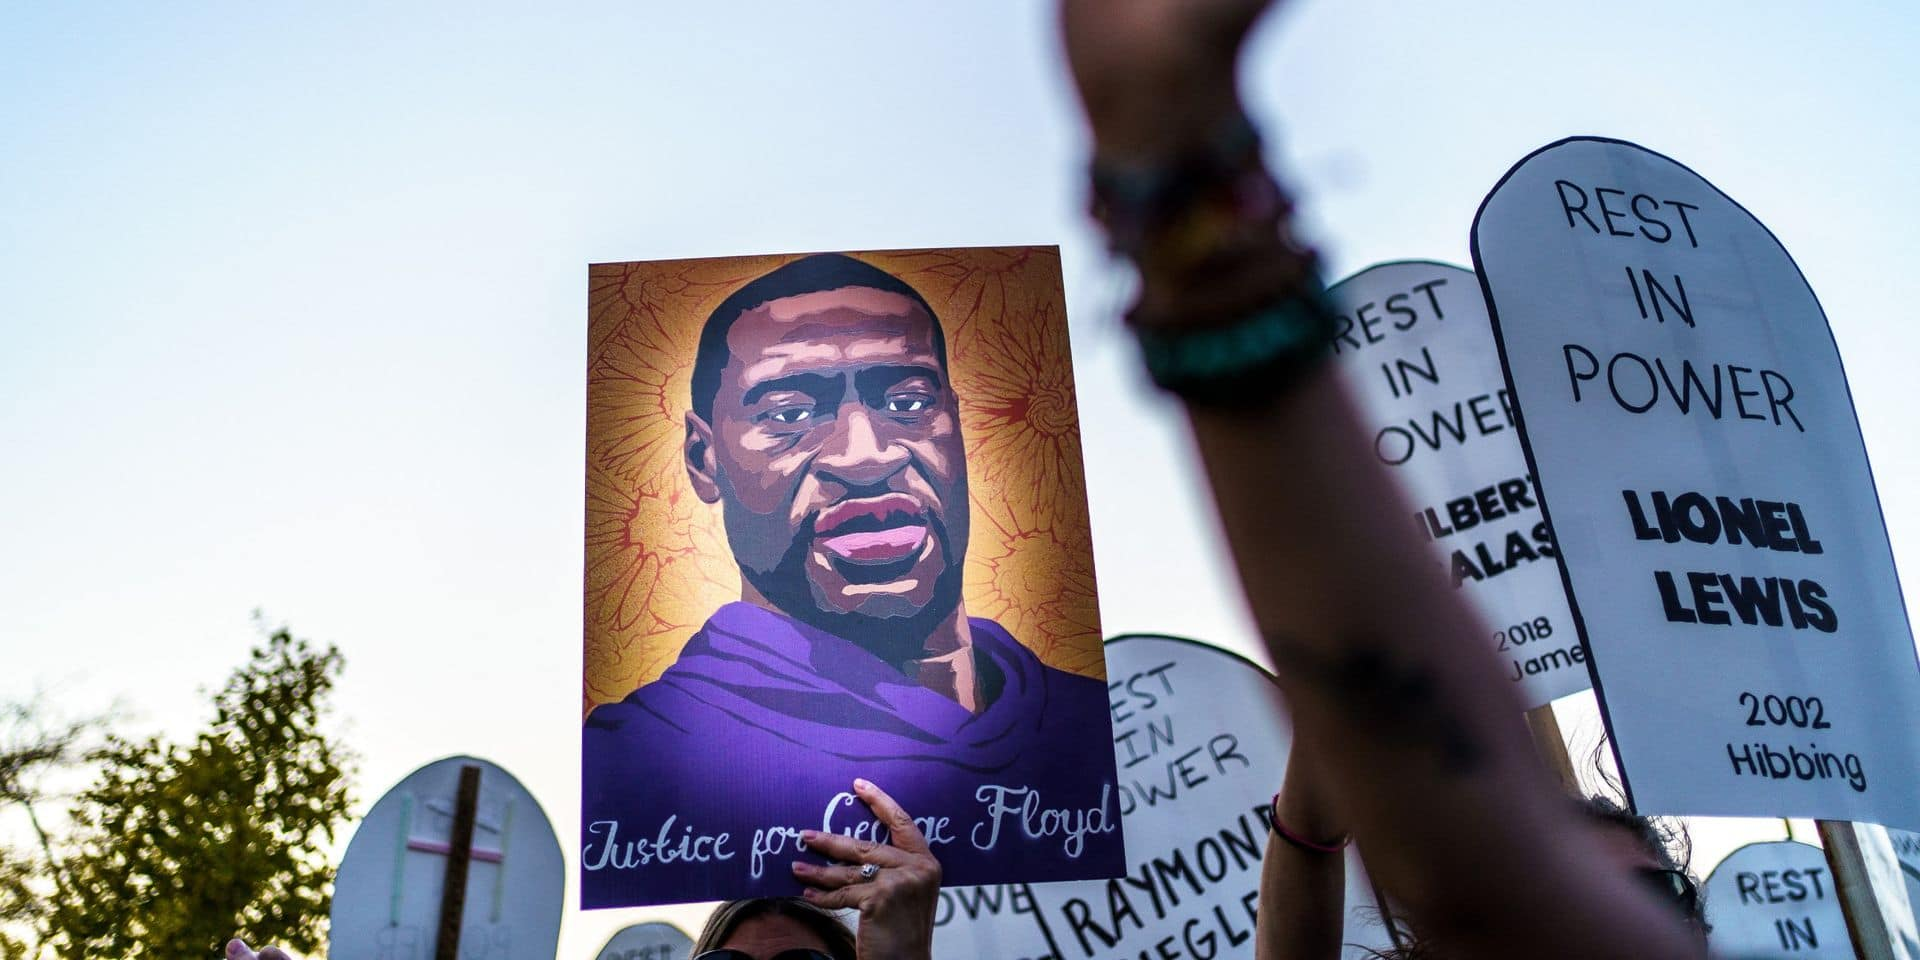 Décès de George Floyd: la ville de Minneapolis va payer des influenceurs pour couvrir le procès des policiers accusés